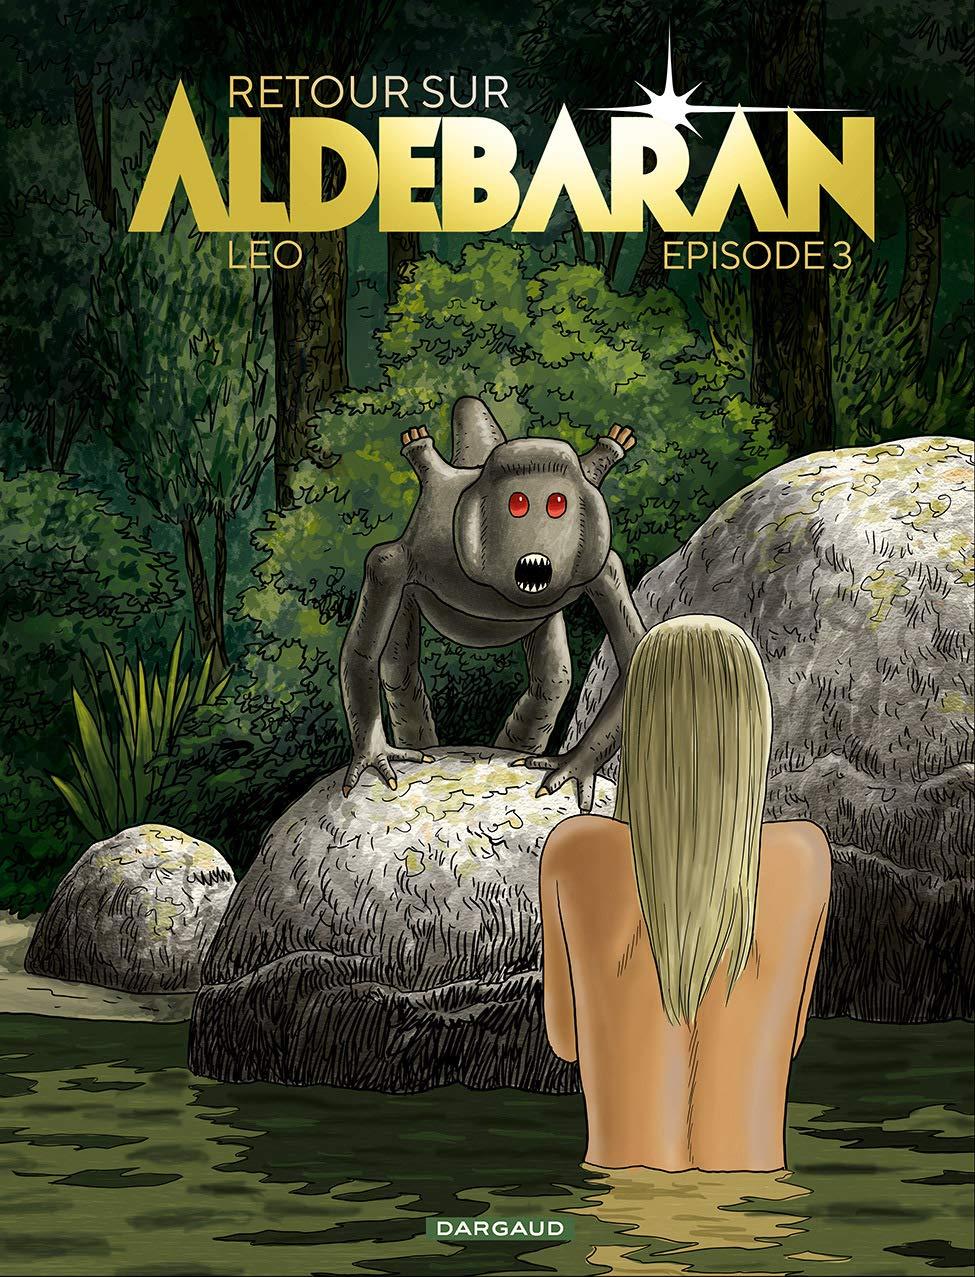 Les Mondes d'Aldébaran - Retour sur Aldébaran 3